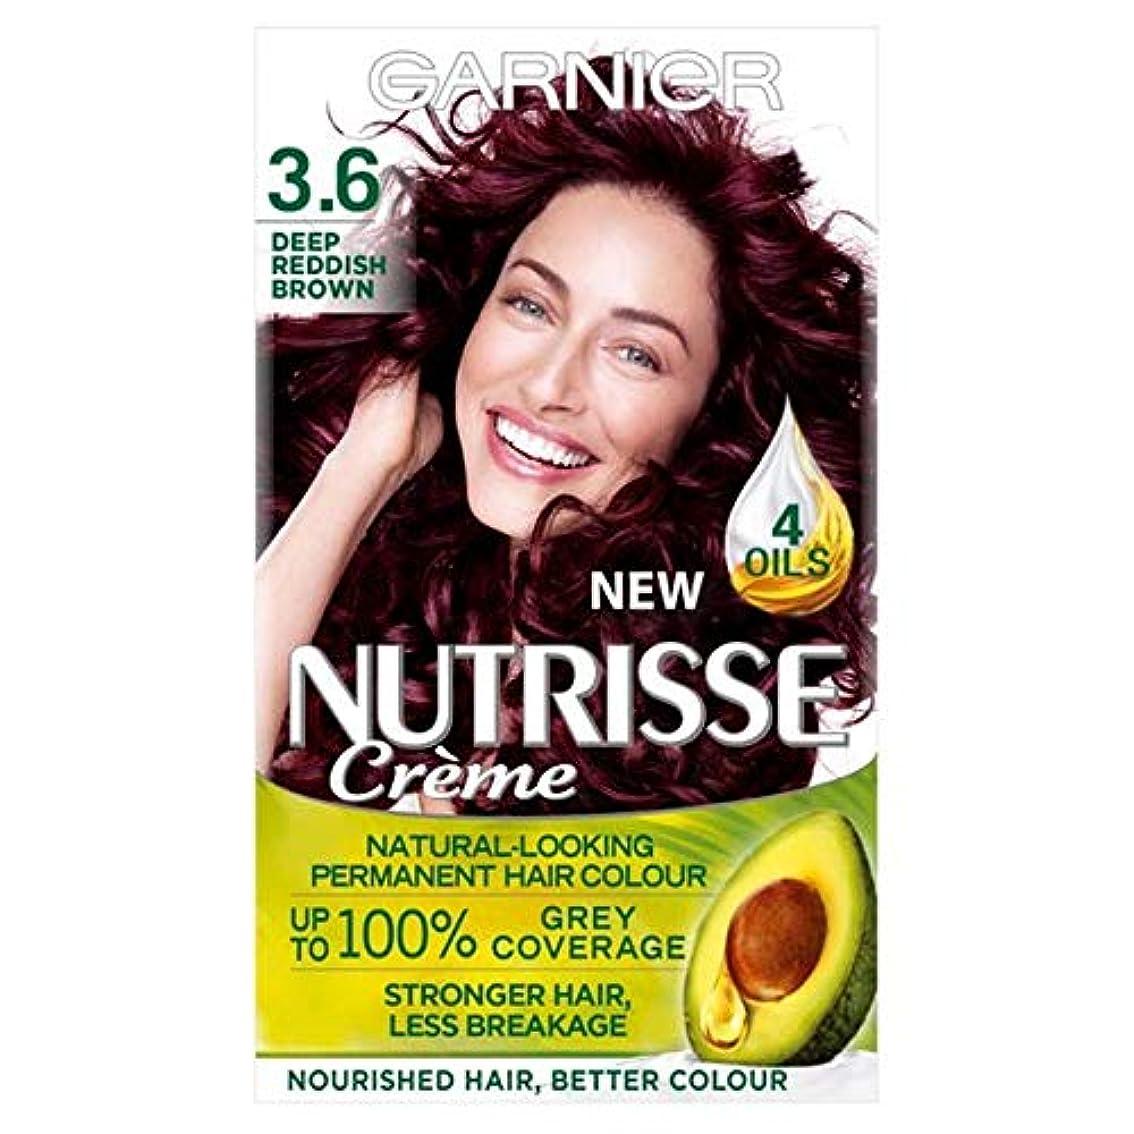 学習者コンクリートファイル[Nutrisse] 3.6深い赤褐色の永久染毛剤Nutrisseガルニエ - Garnier Nutrisse 3.6 Deep Reddish Brown Permanent Hair Dye [並行輸入品]